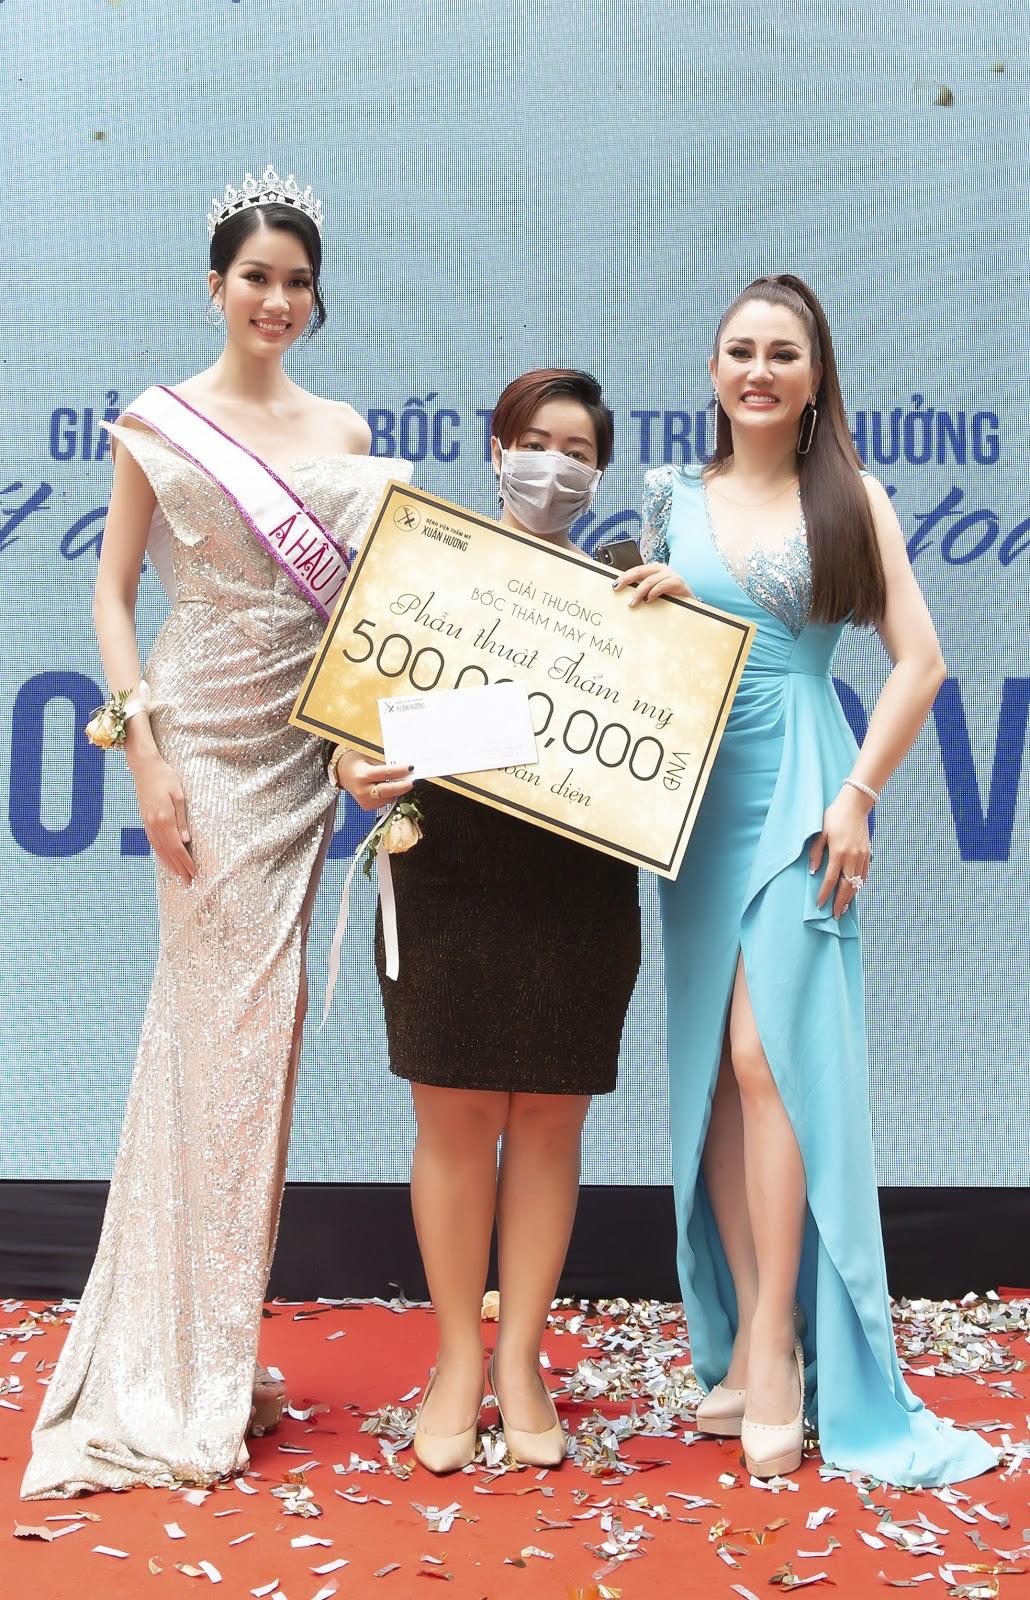 Bệnh viện thẩm mỹ Xuân Hương tặng quà khủng trong ngày khai trương tại TP Hồ Chí Minh - Ảnh 3.